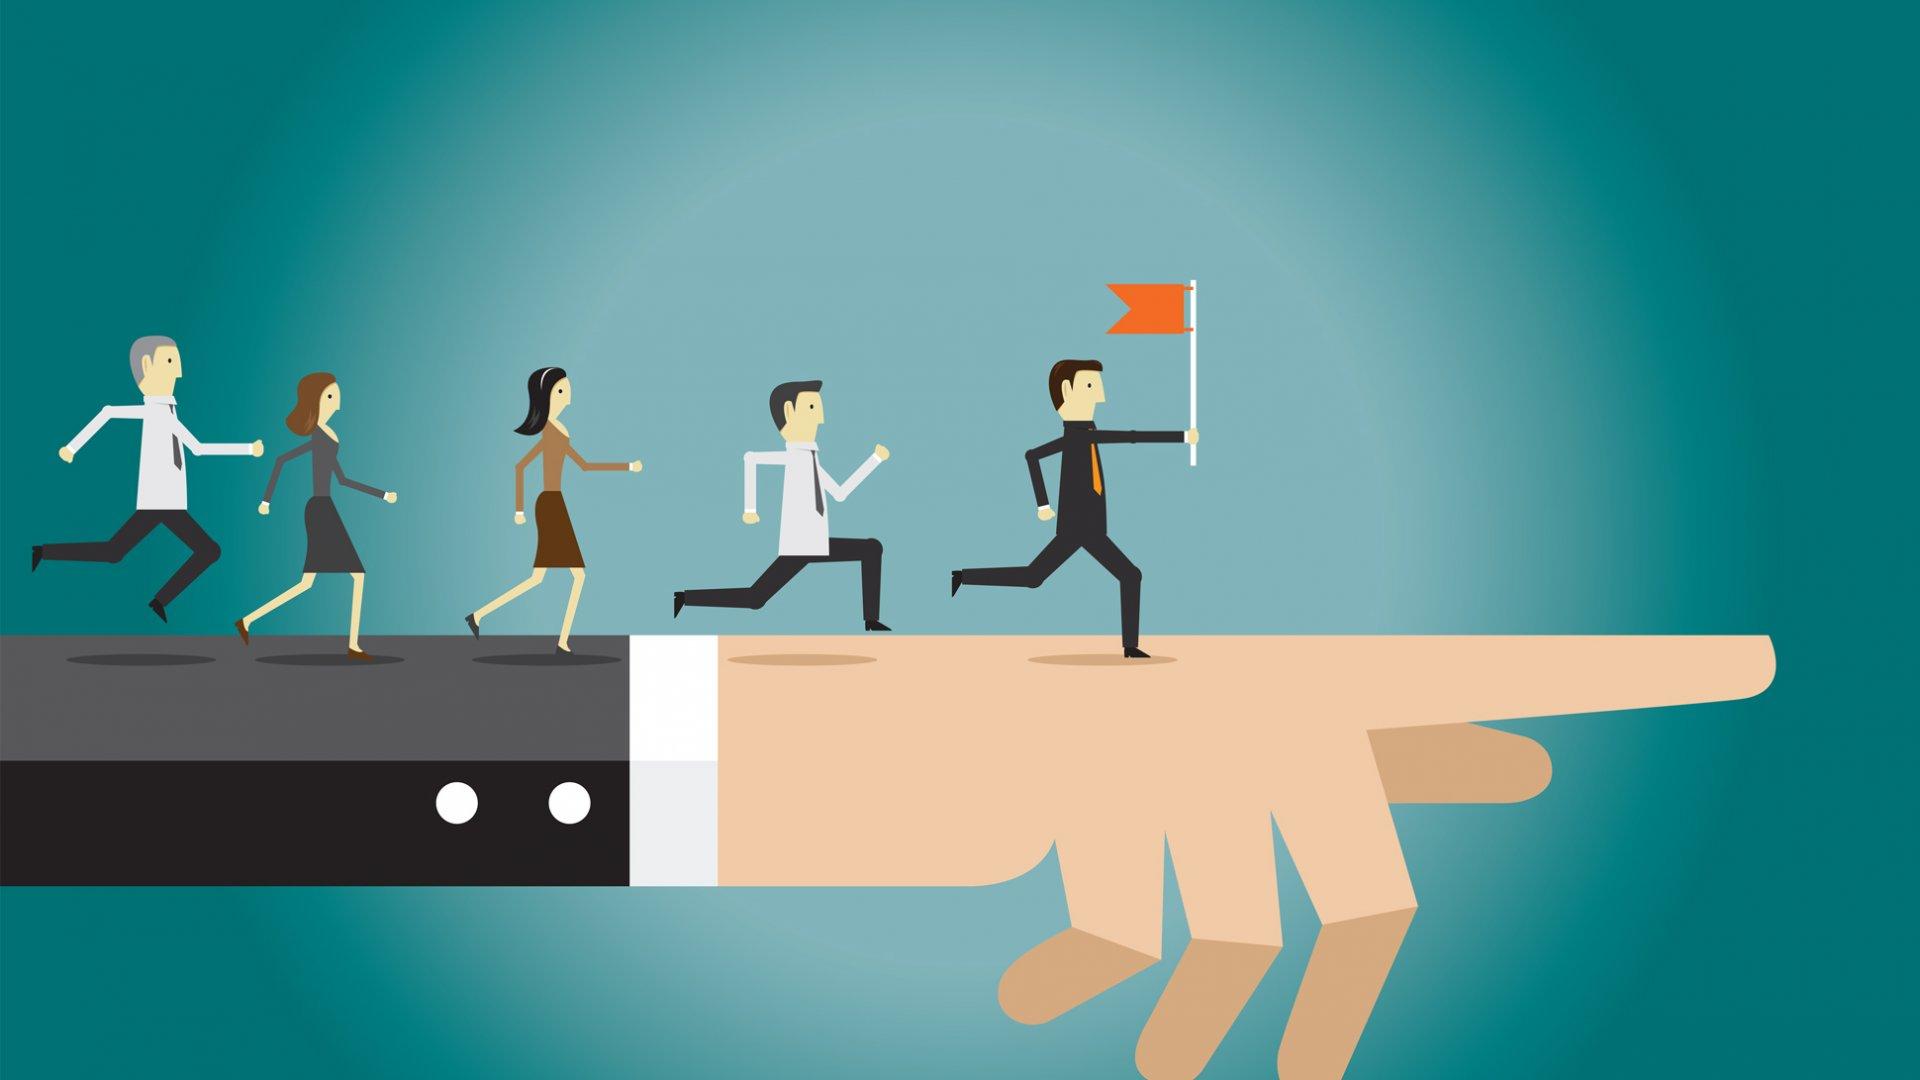 Liderlerin Edinmesi Gereken Özellikler Nelerdir?